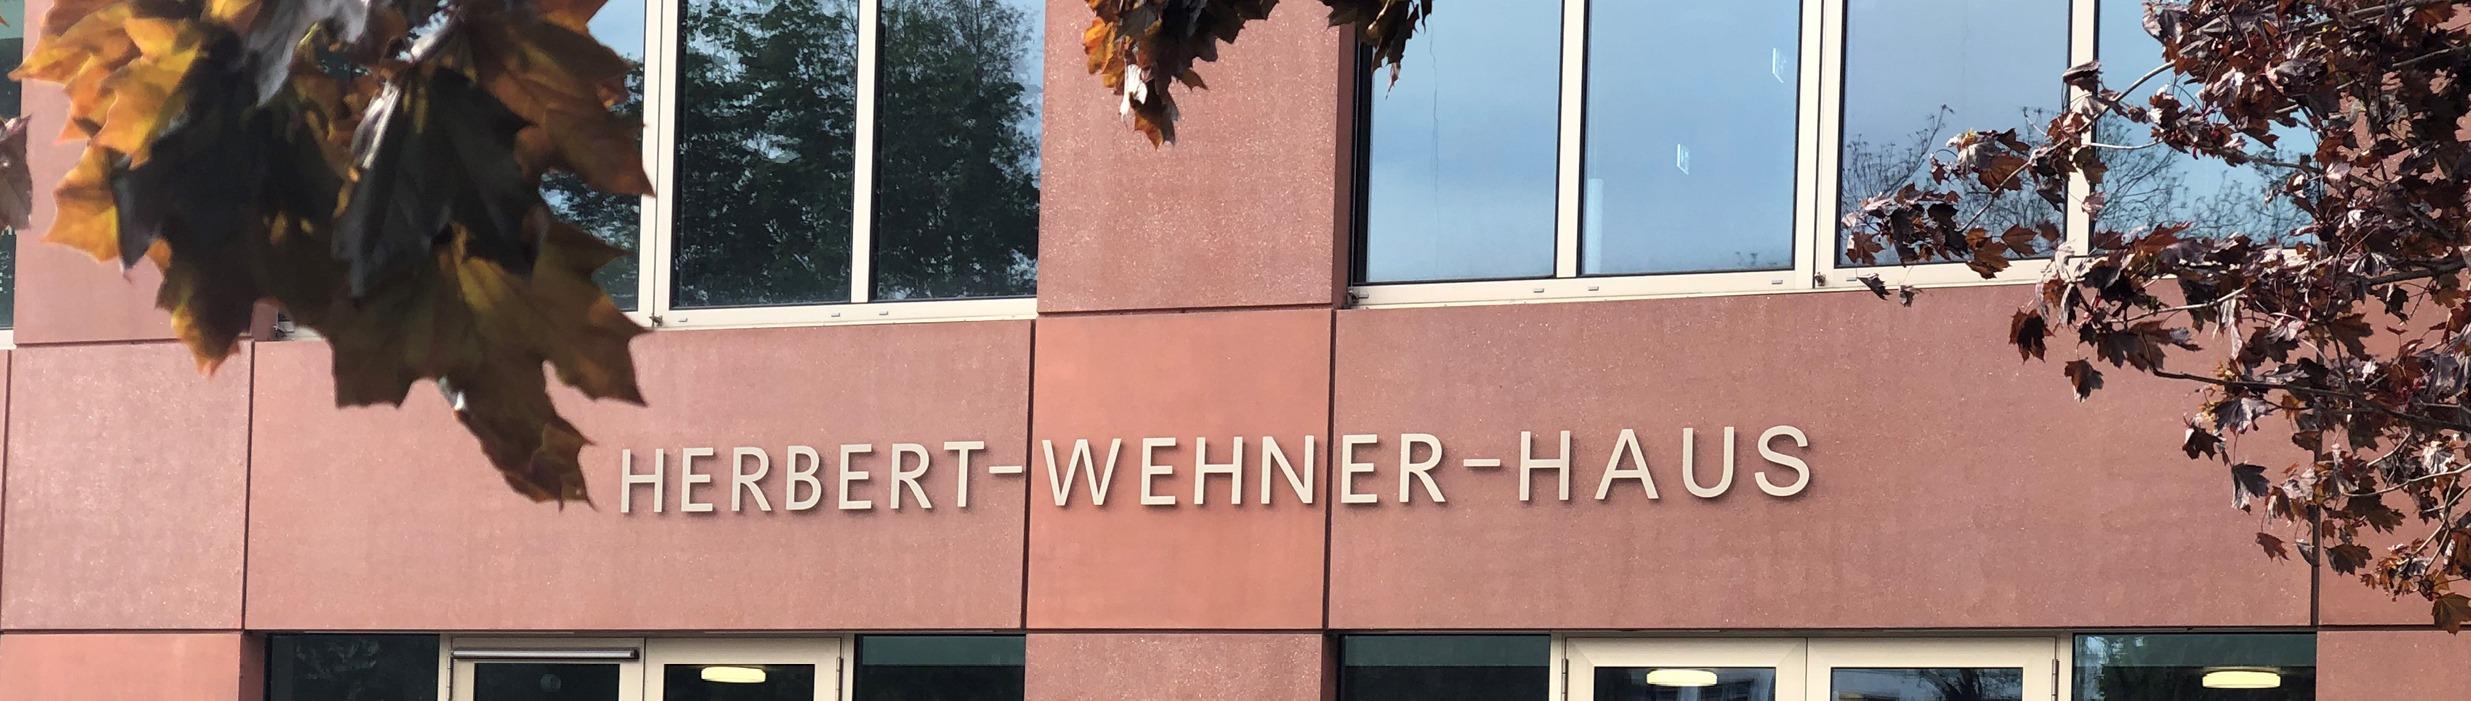 Eingangsbereich Herbert Wehner Haus